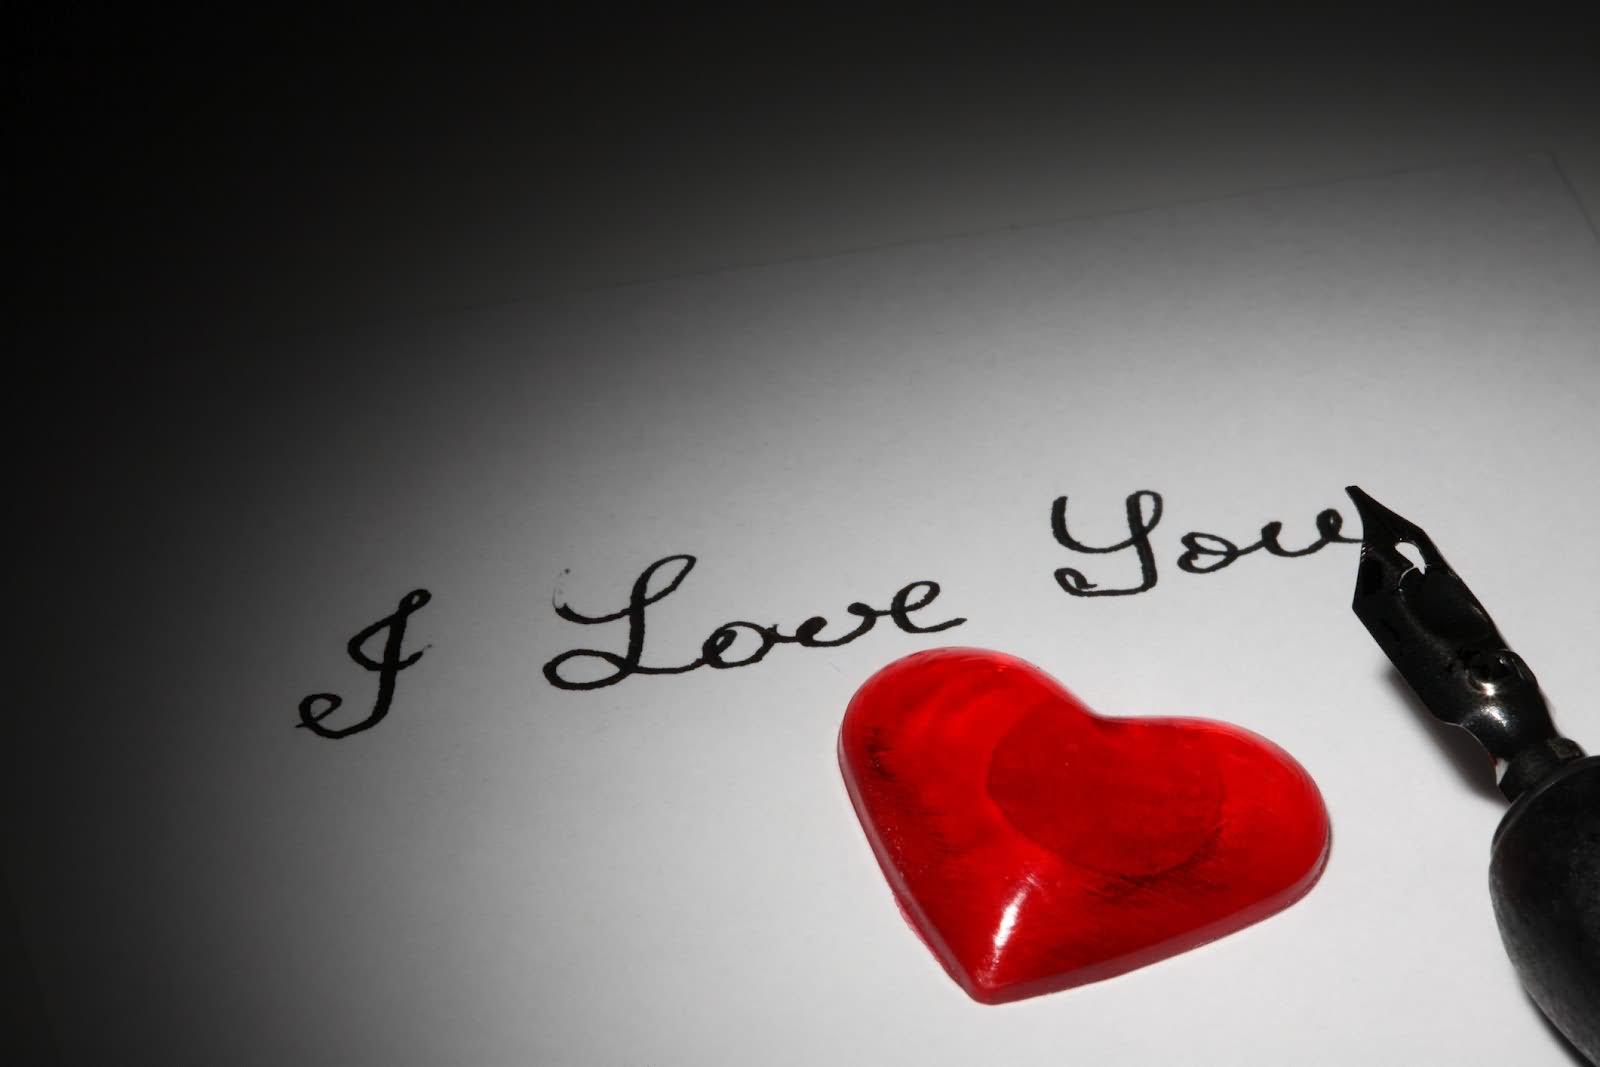 بالصور خلفيات عن الحب , خلفيات رومانسية لم ترها من قبل 3396 7